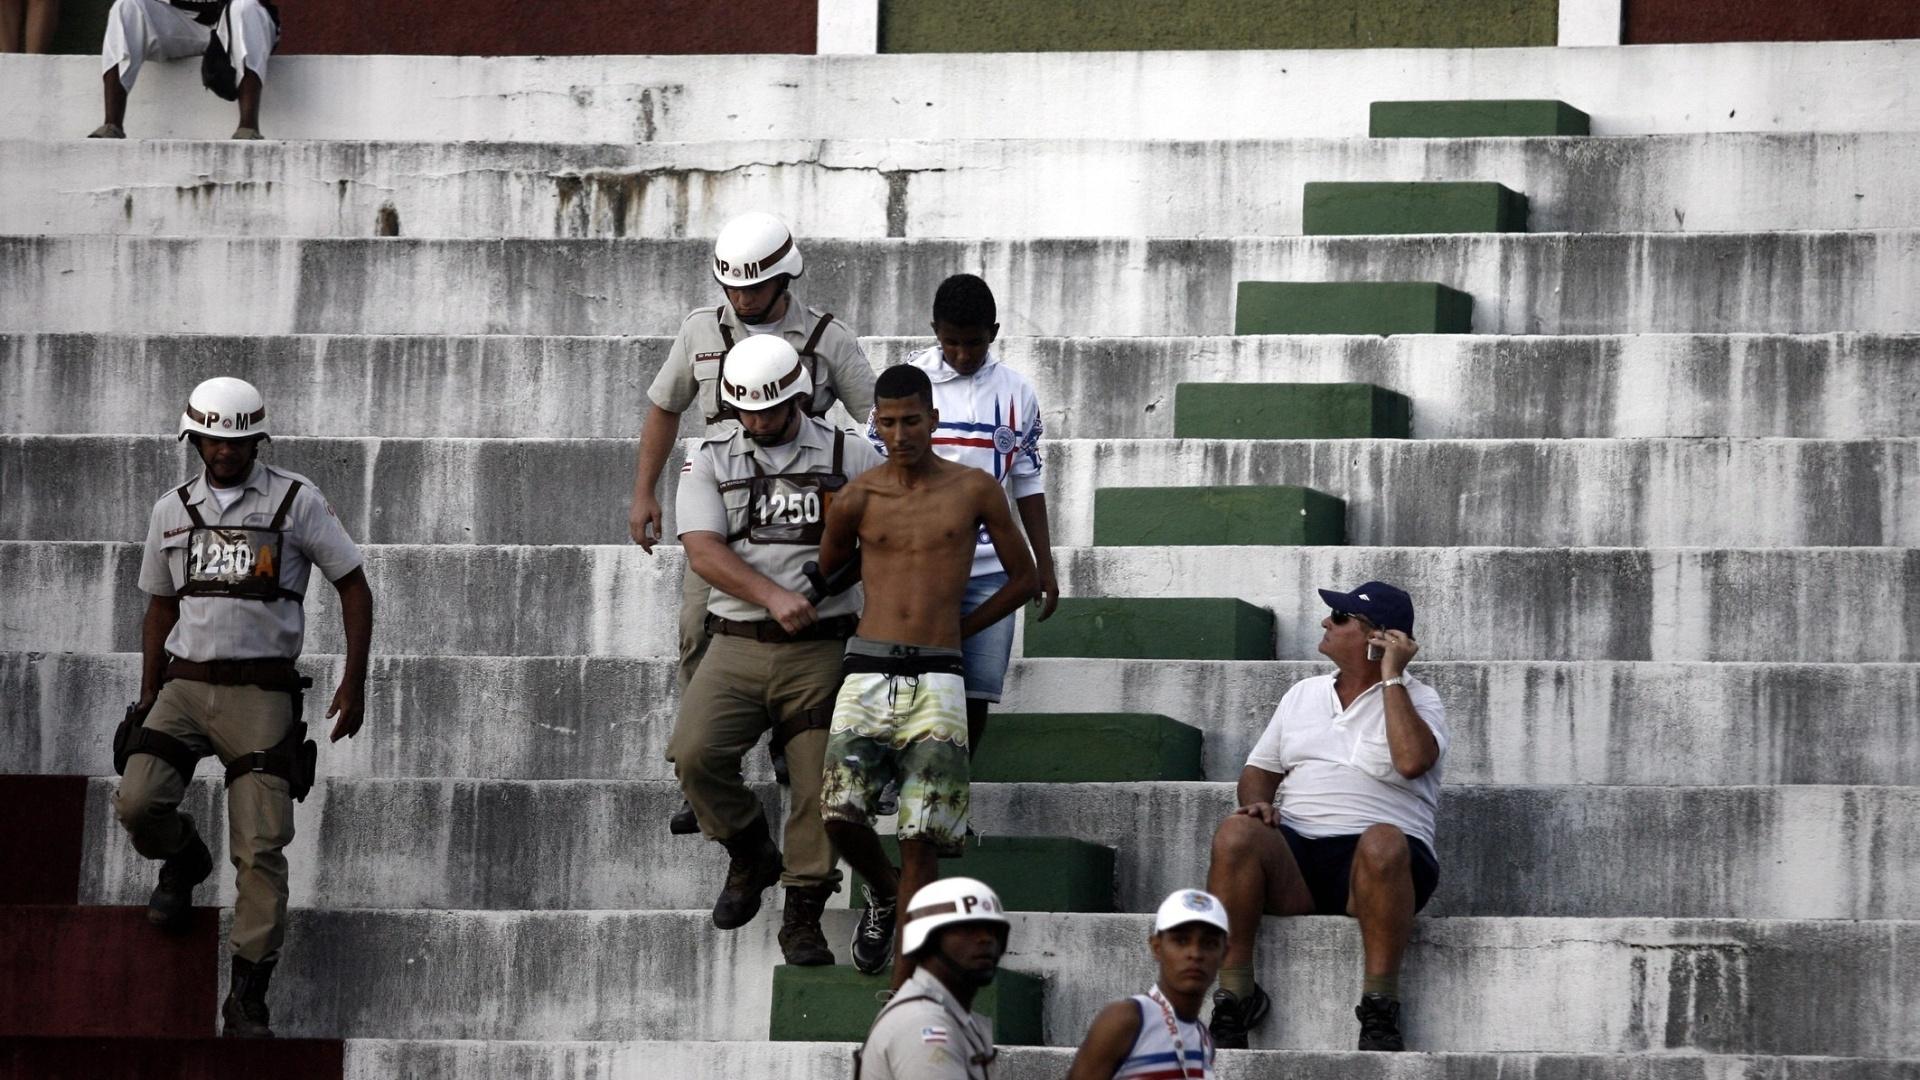 Torcedor do Bahia é detido após se envolver em confusão na partida contra o Figueirense